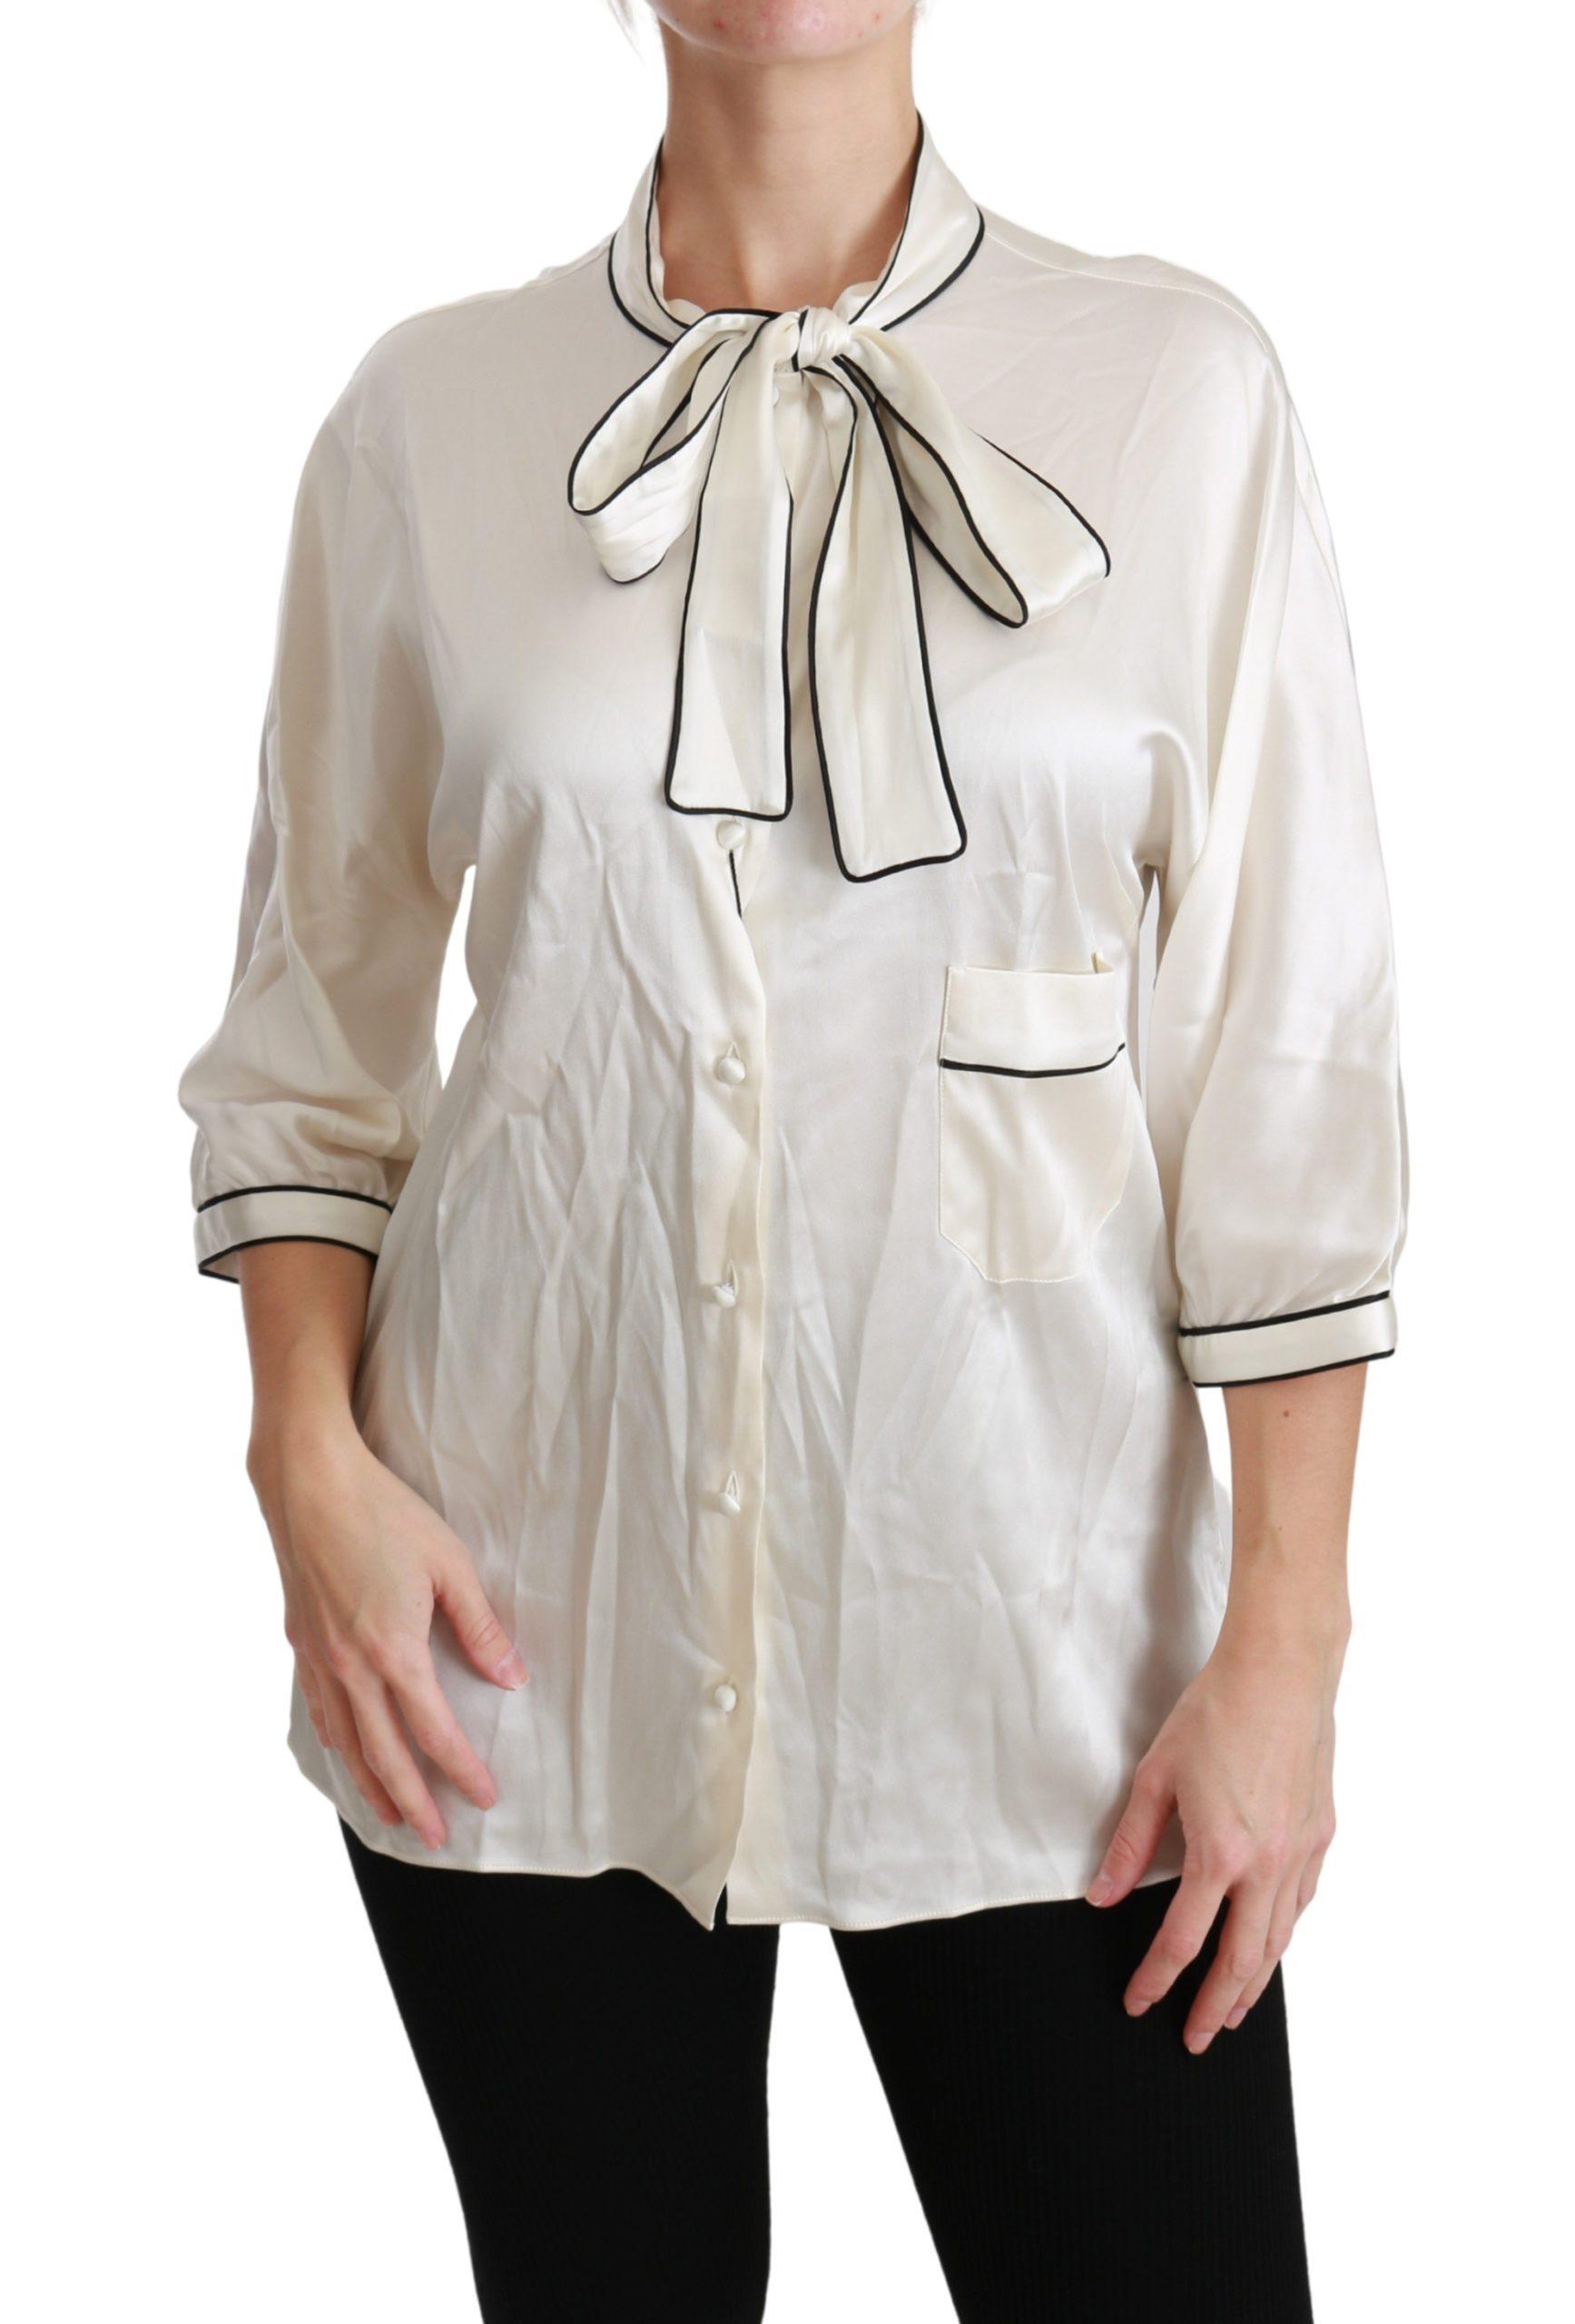 Dolce & Gabbana Women's 3/4 Sleeve Top Beige TSH4488-46 - IT46 XL